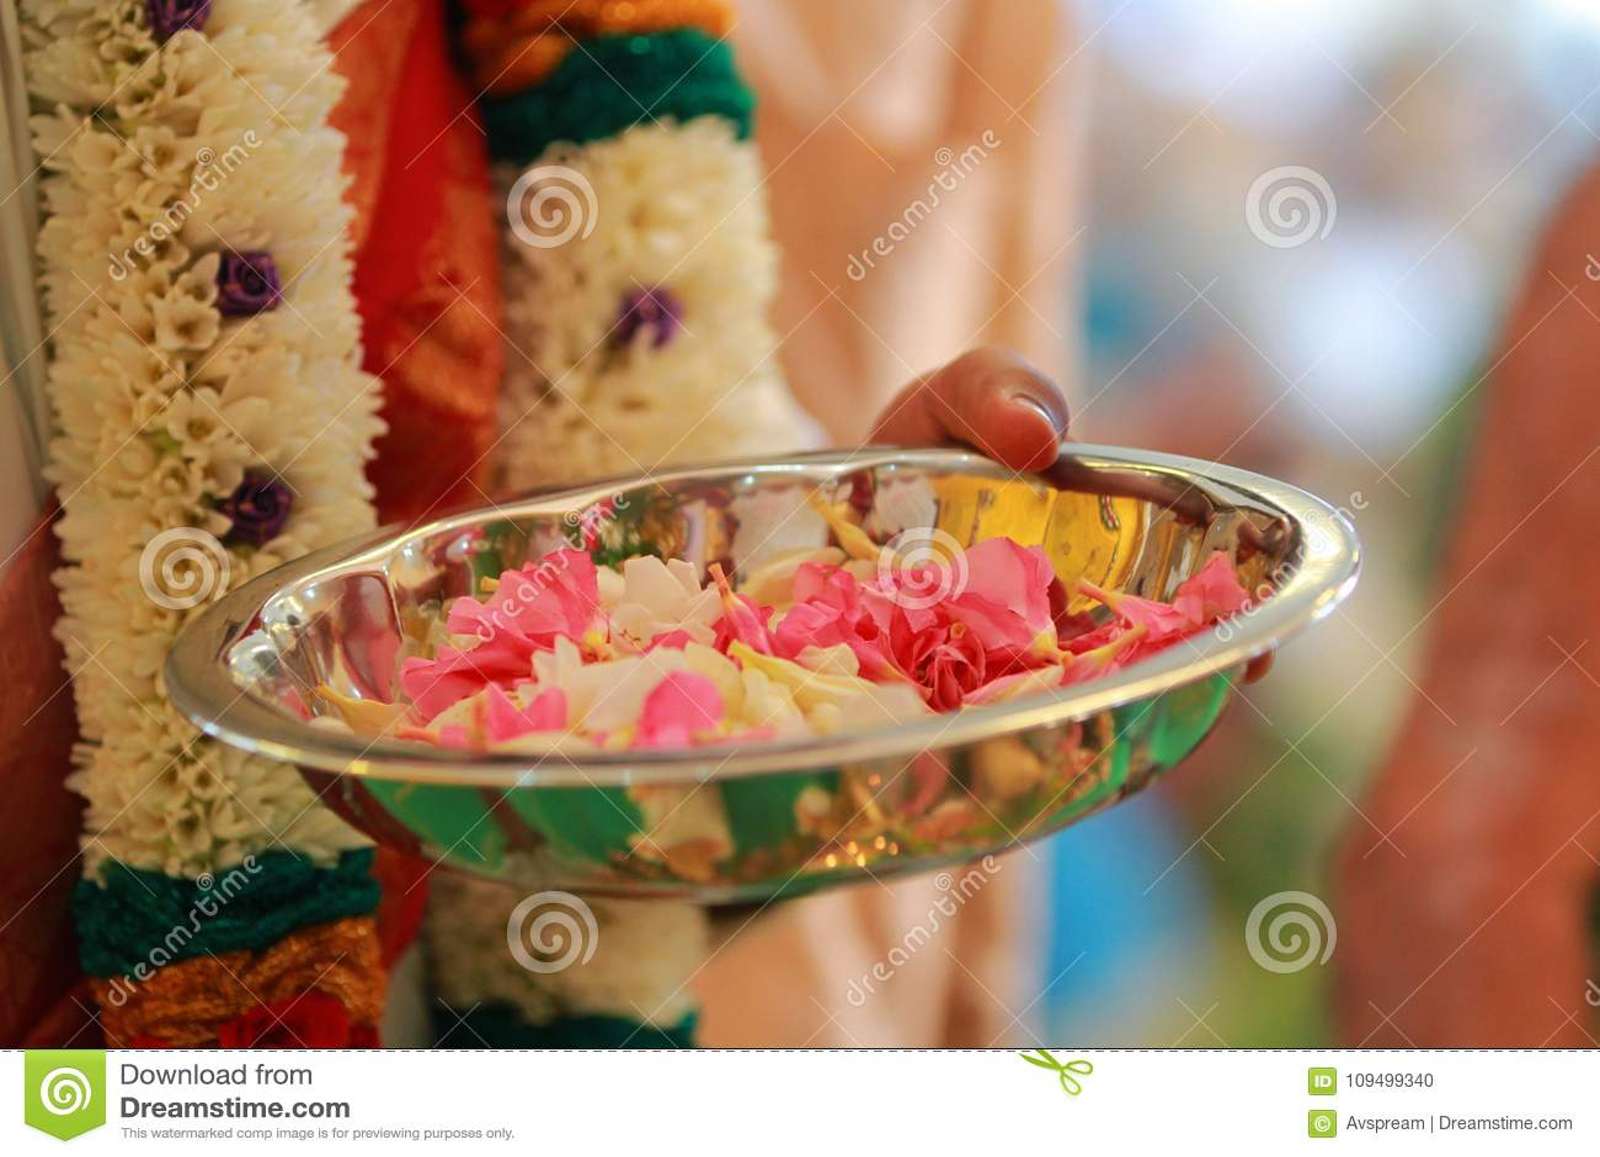 Färgrik girland för indisk traditionell kultur från nya blommor med södra indiska bröllopritualer